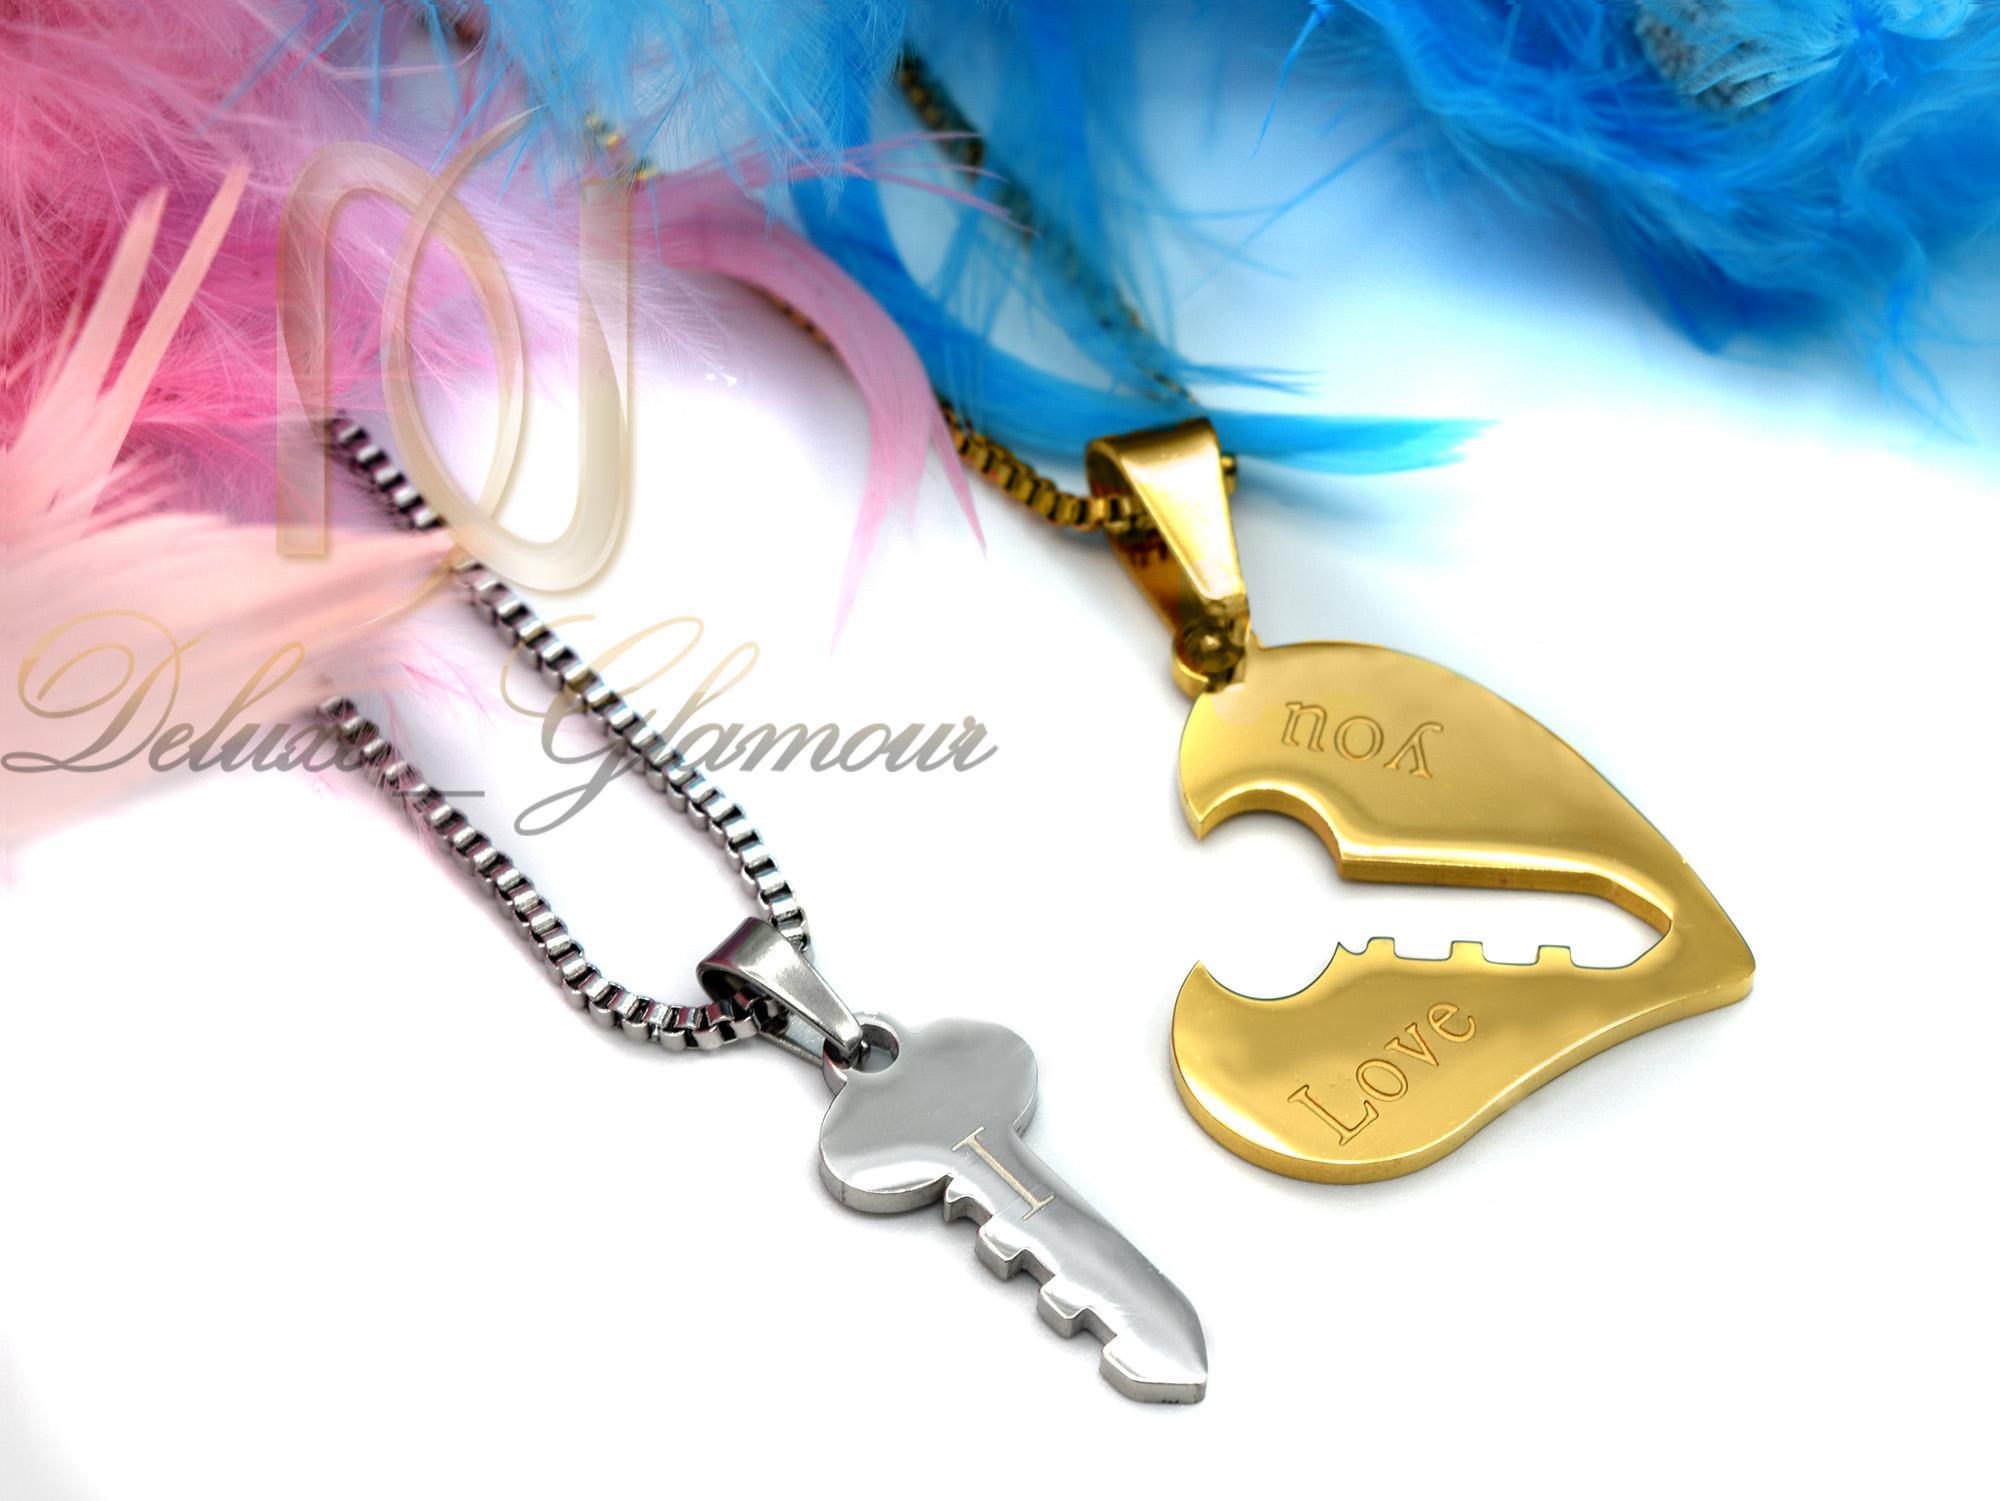 گردنبند ست دوتیکه طرح قلب و کلید mf-n127 از نمای بالا